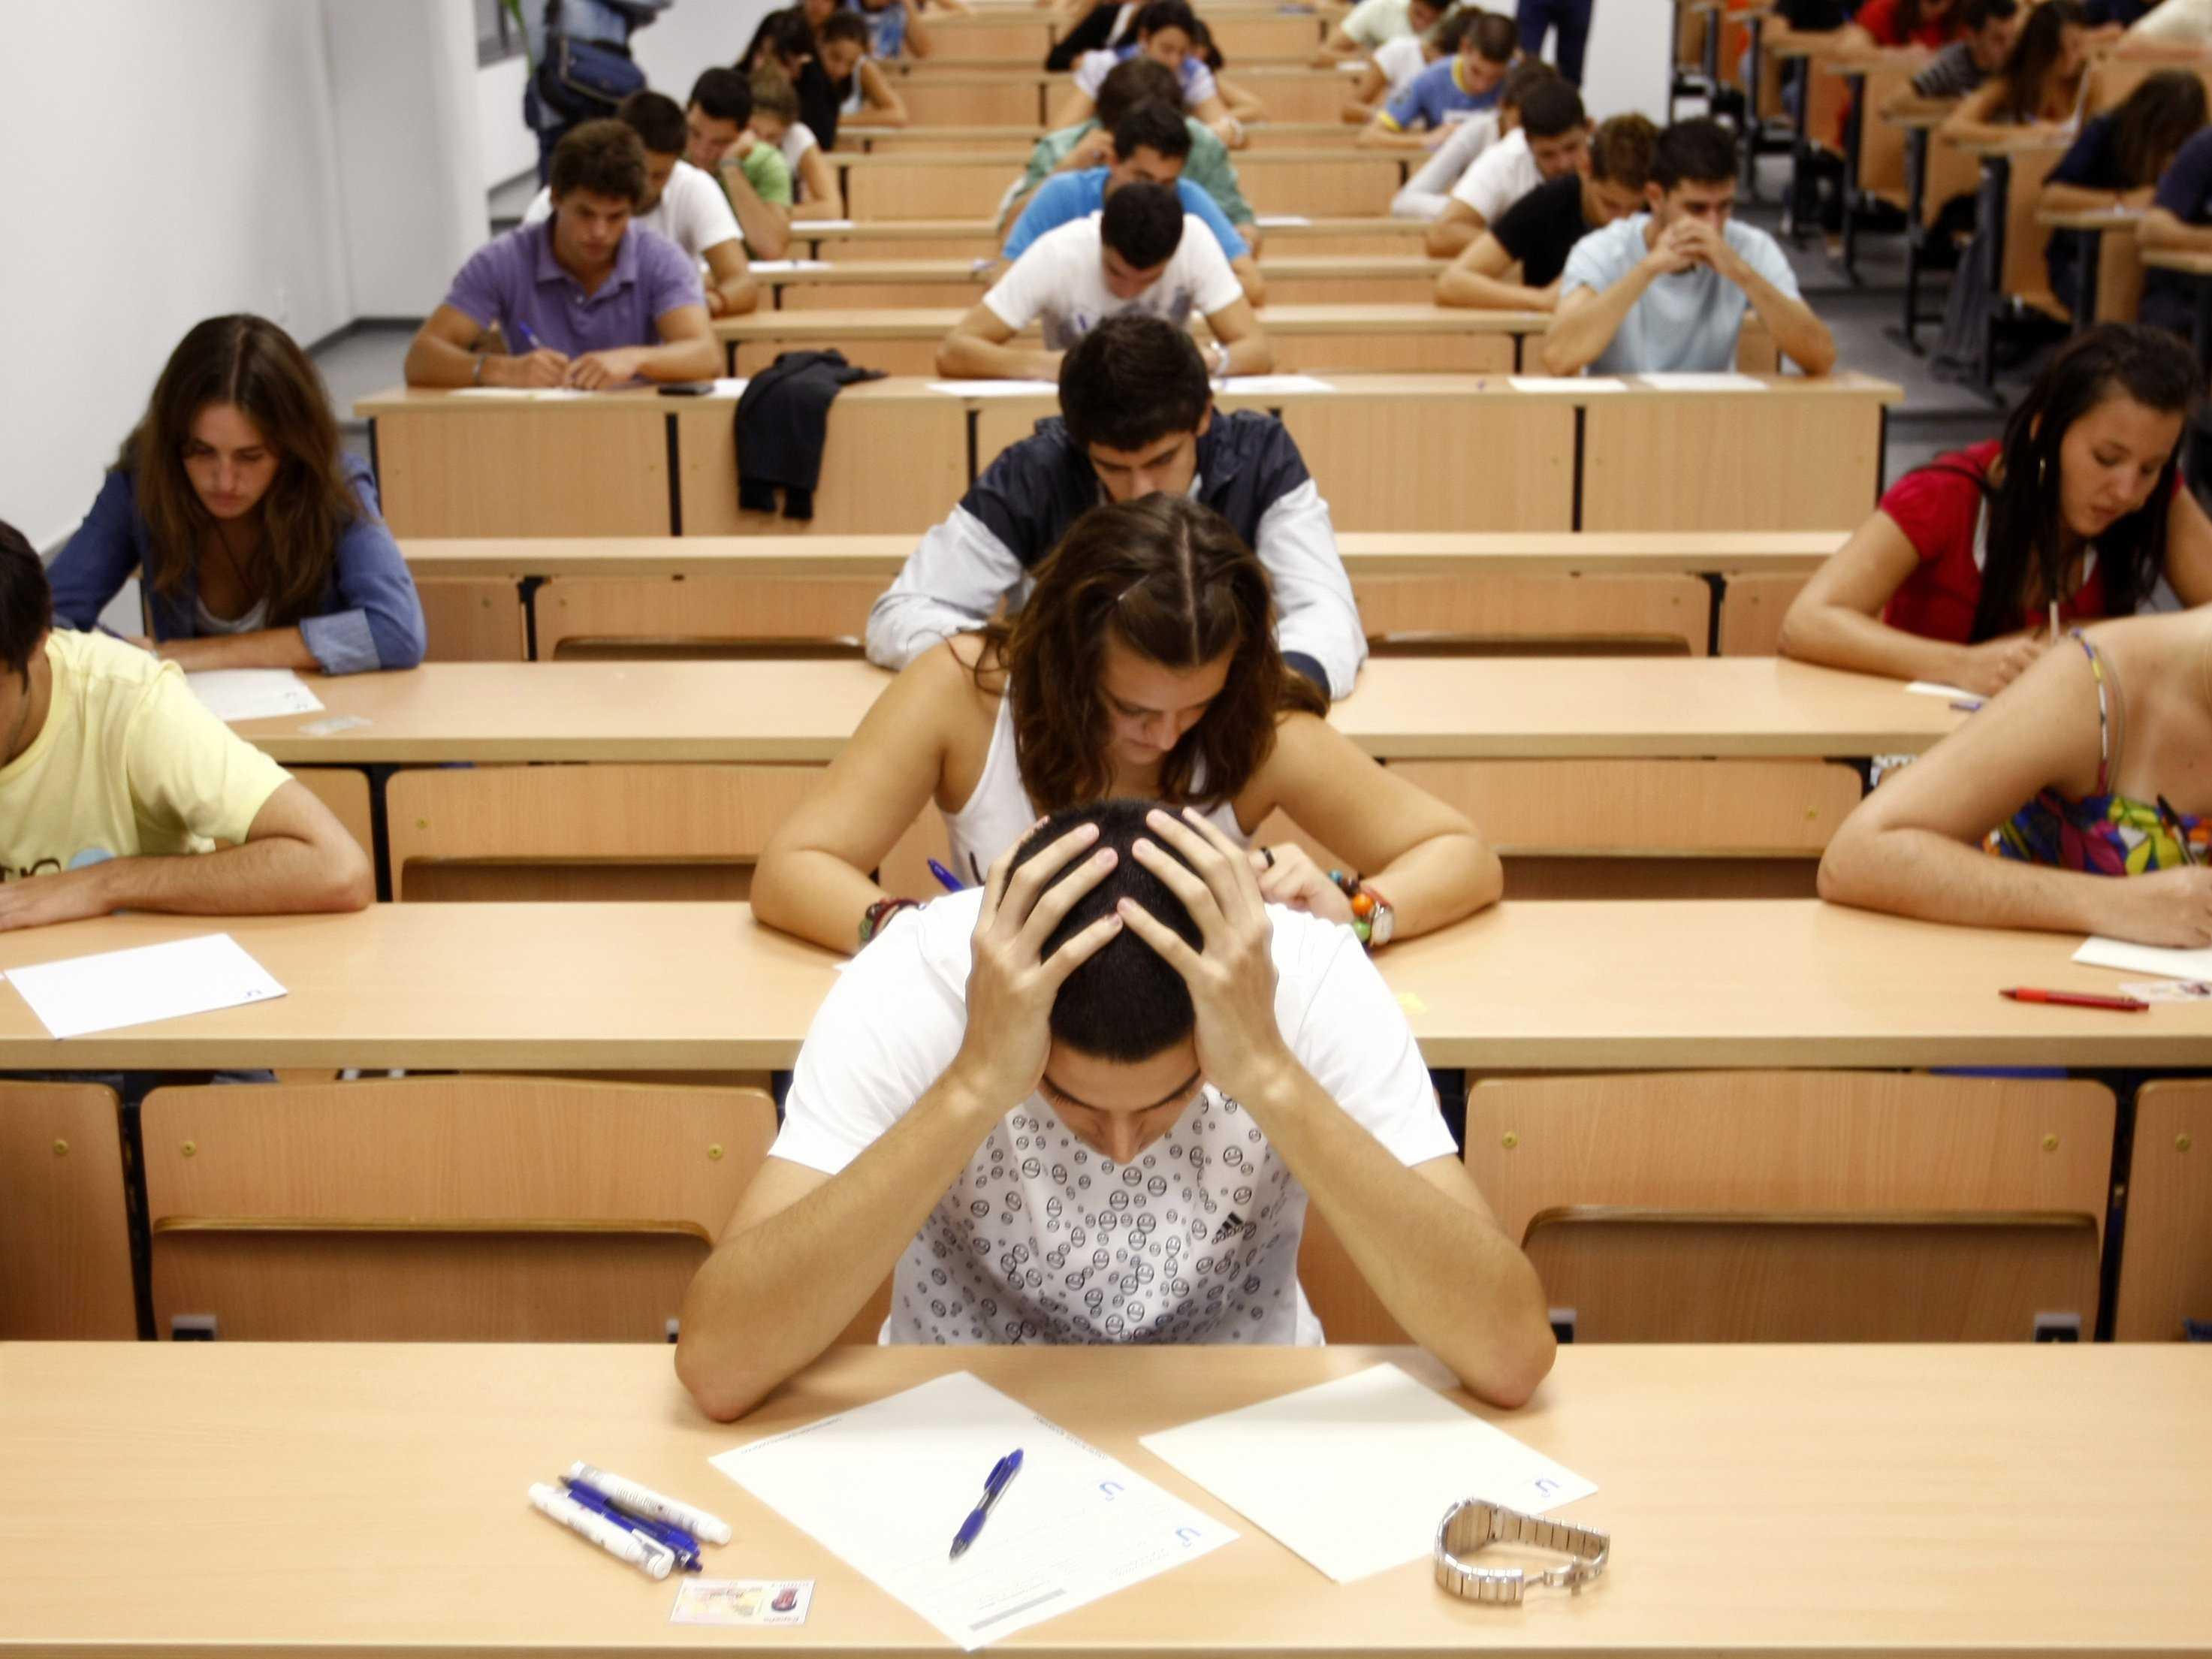 Студентки сдают экзамен 7 фотография